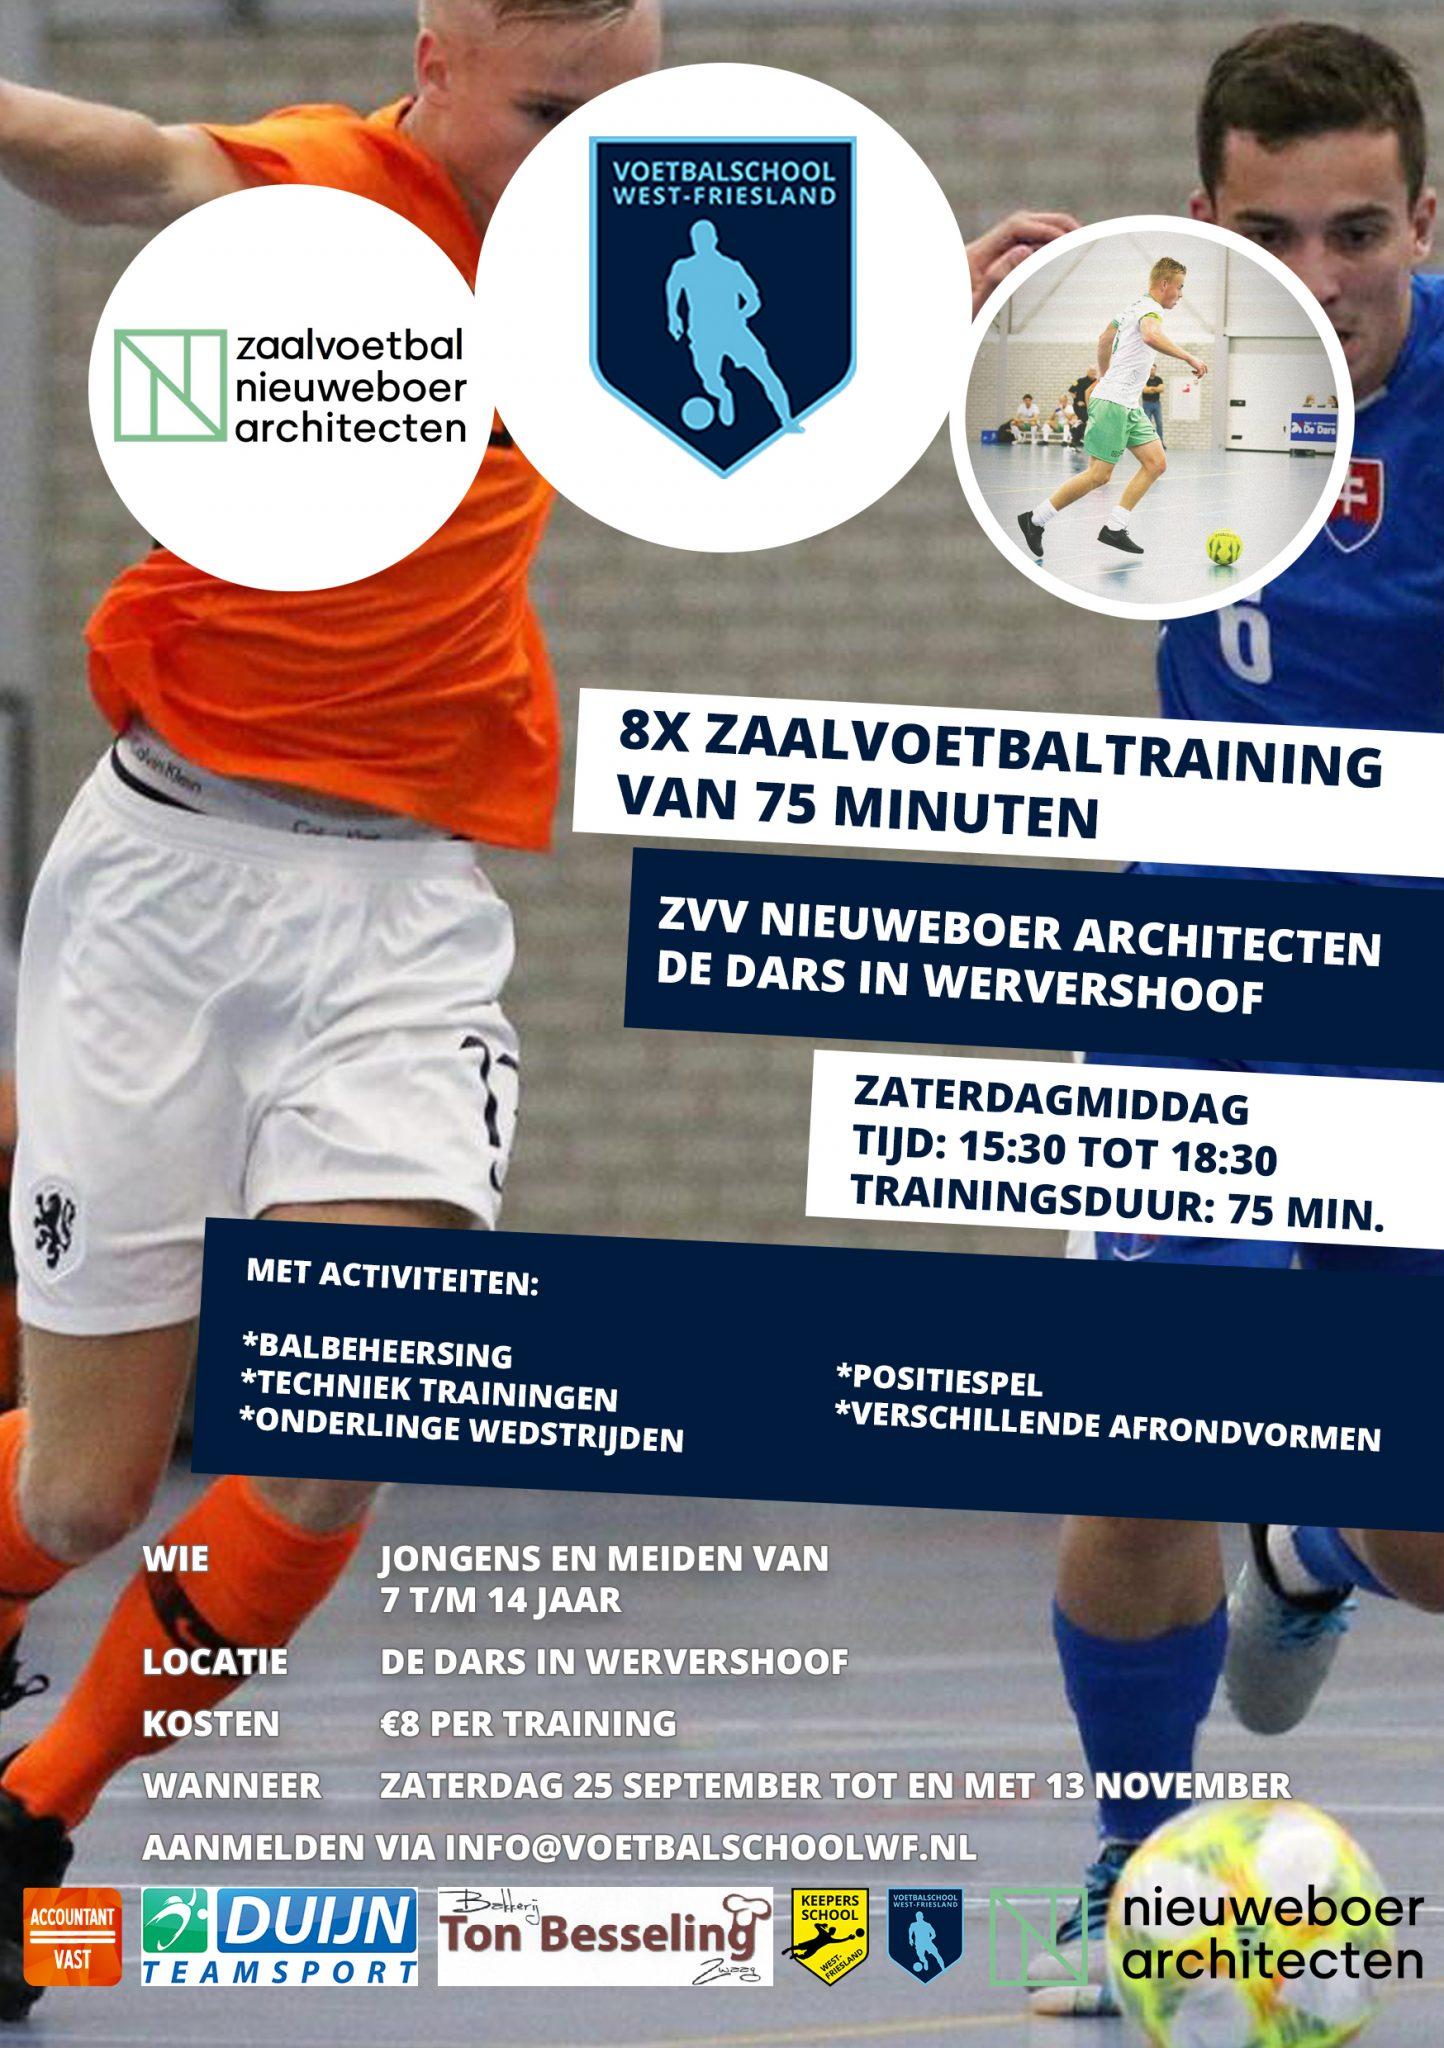 Nieuweboer en Voetbalschool Westfriesland organiseren trainingen tot en met 14 jaar